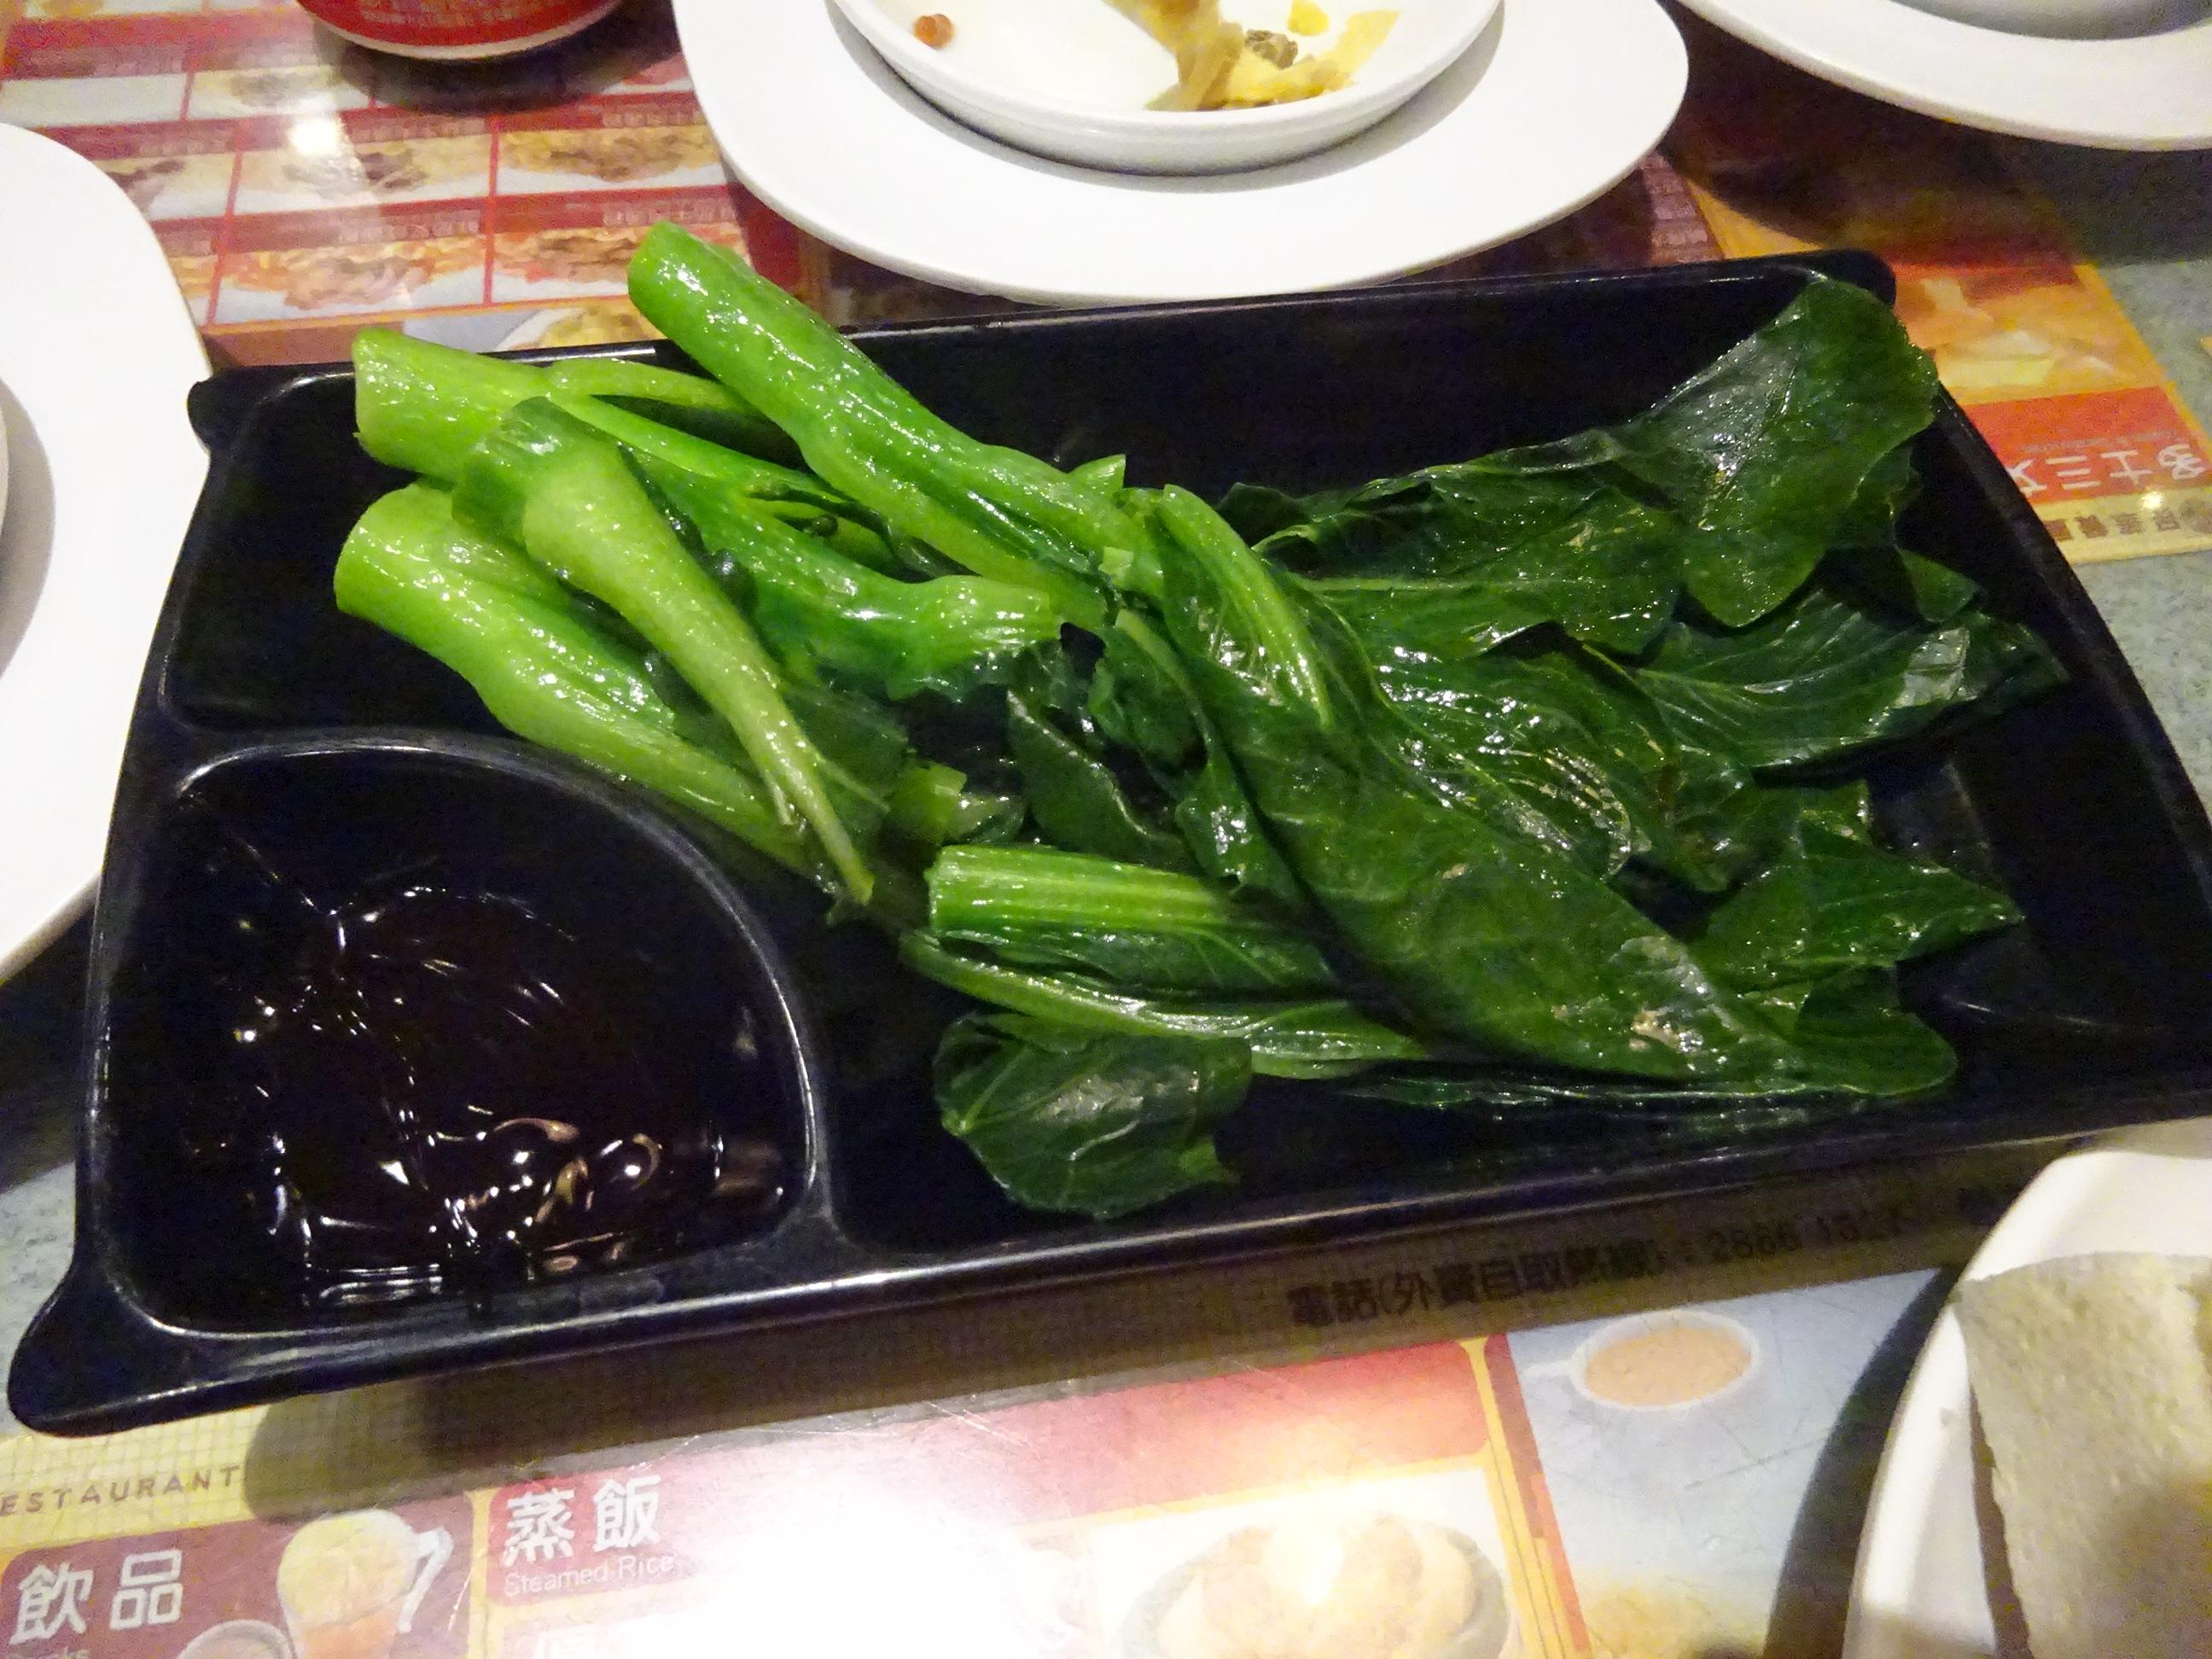 香港おすすめレストランの茹で野菜